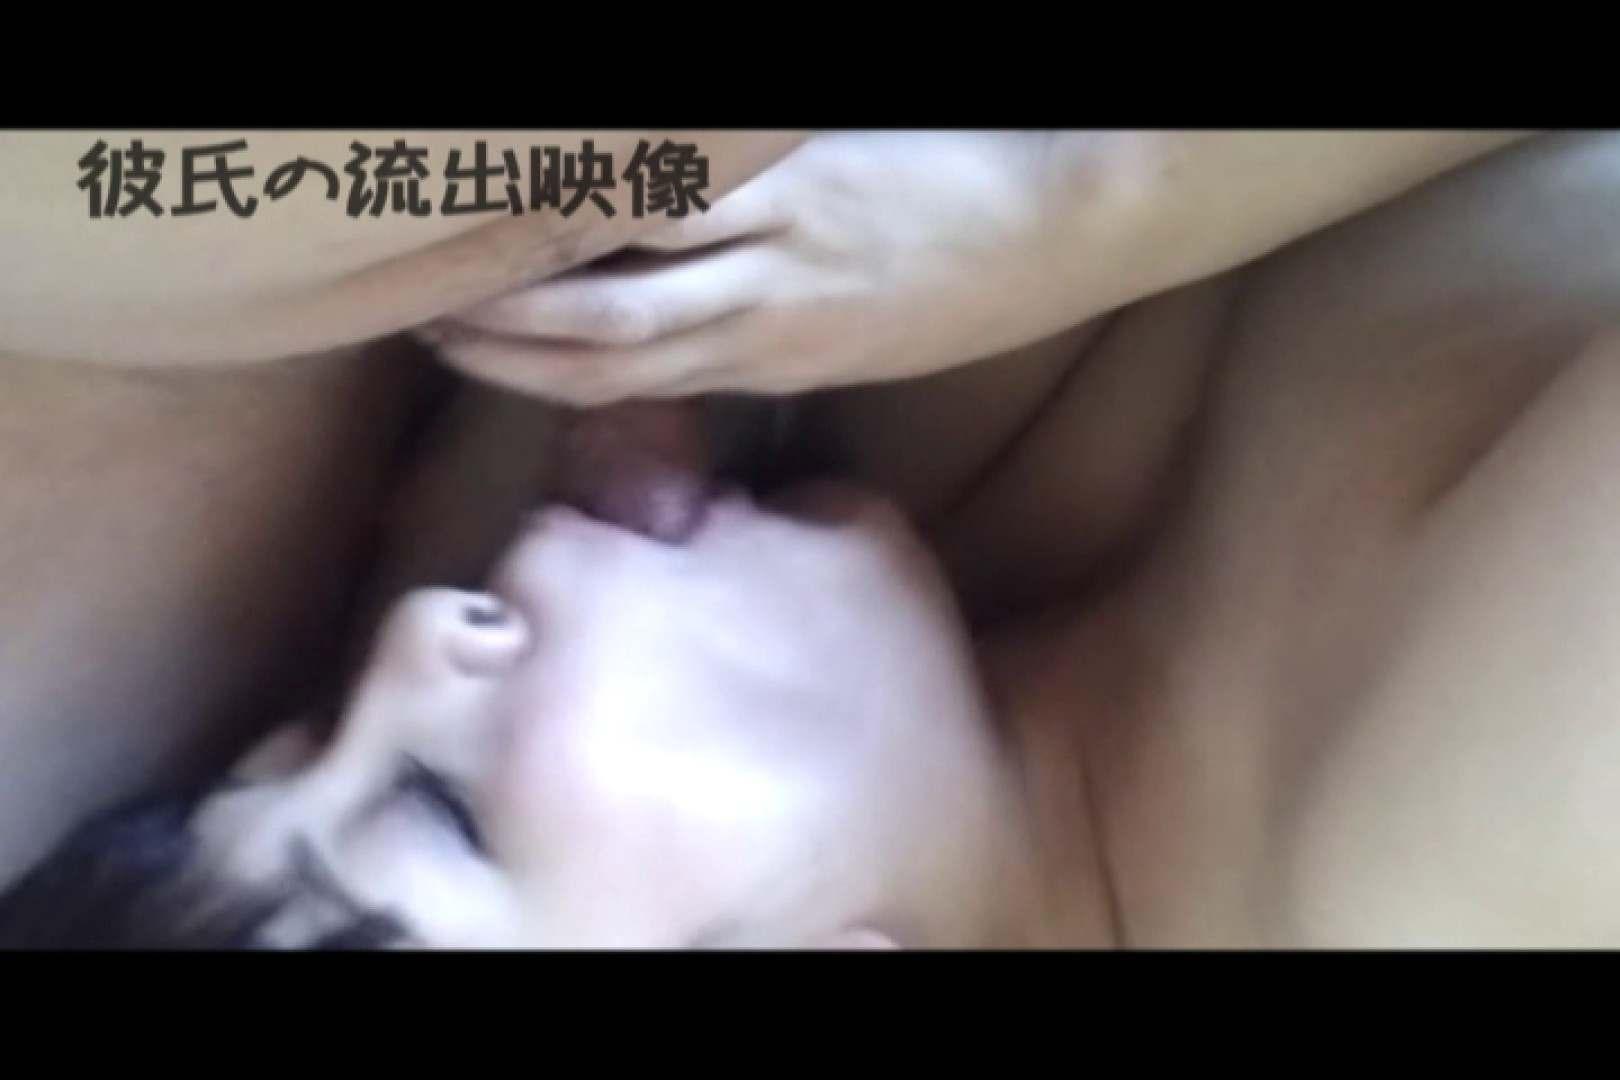 彼氏が流出 パイパン素人嬢のハメ撮り映像03 カップル | 可愛いパイパン  92pic 68